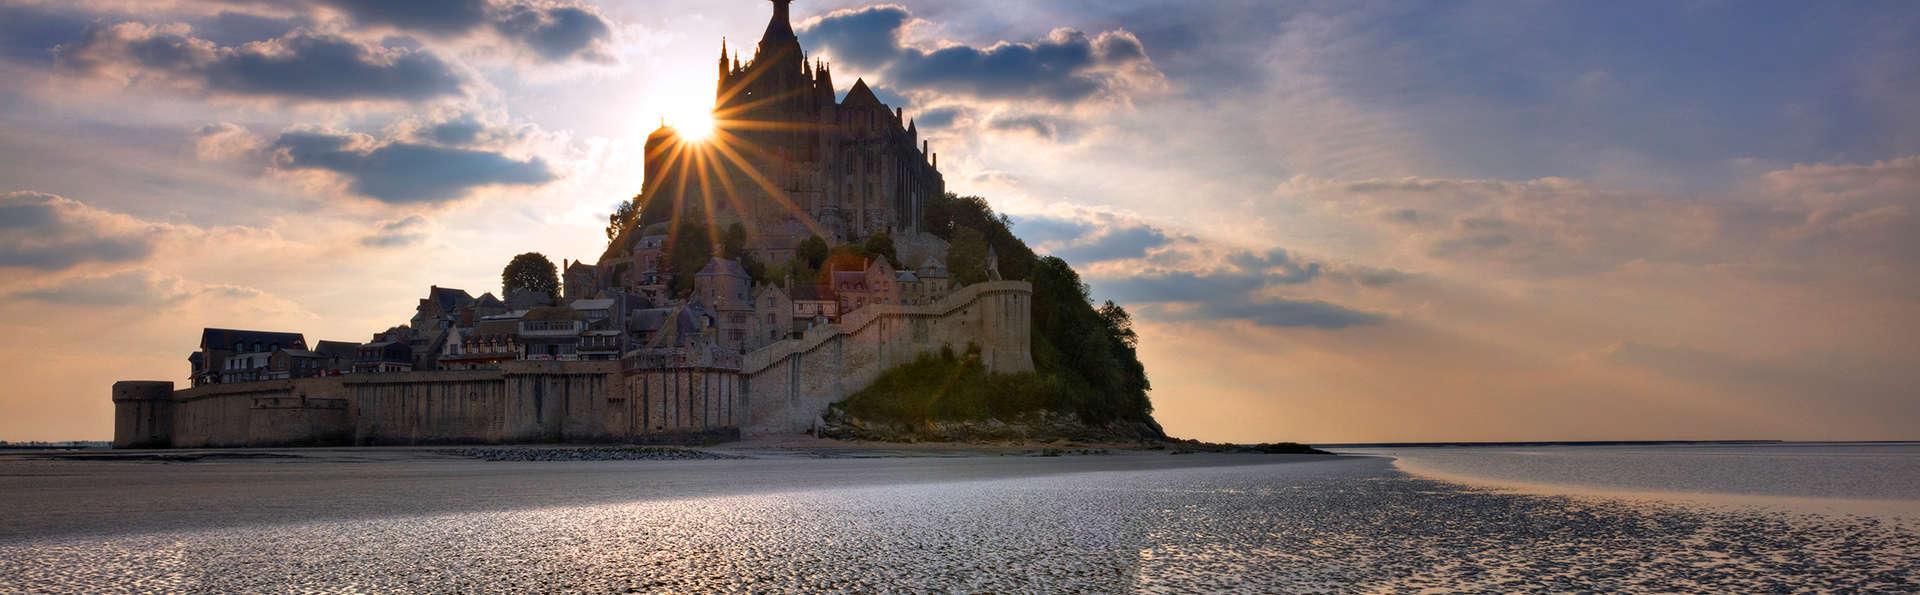 Découverte du Mont-Saint-Michel (à partir de 2 nuits)